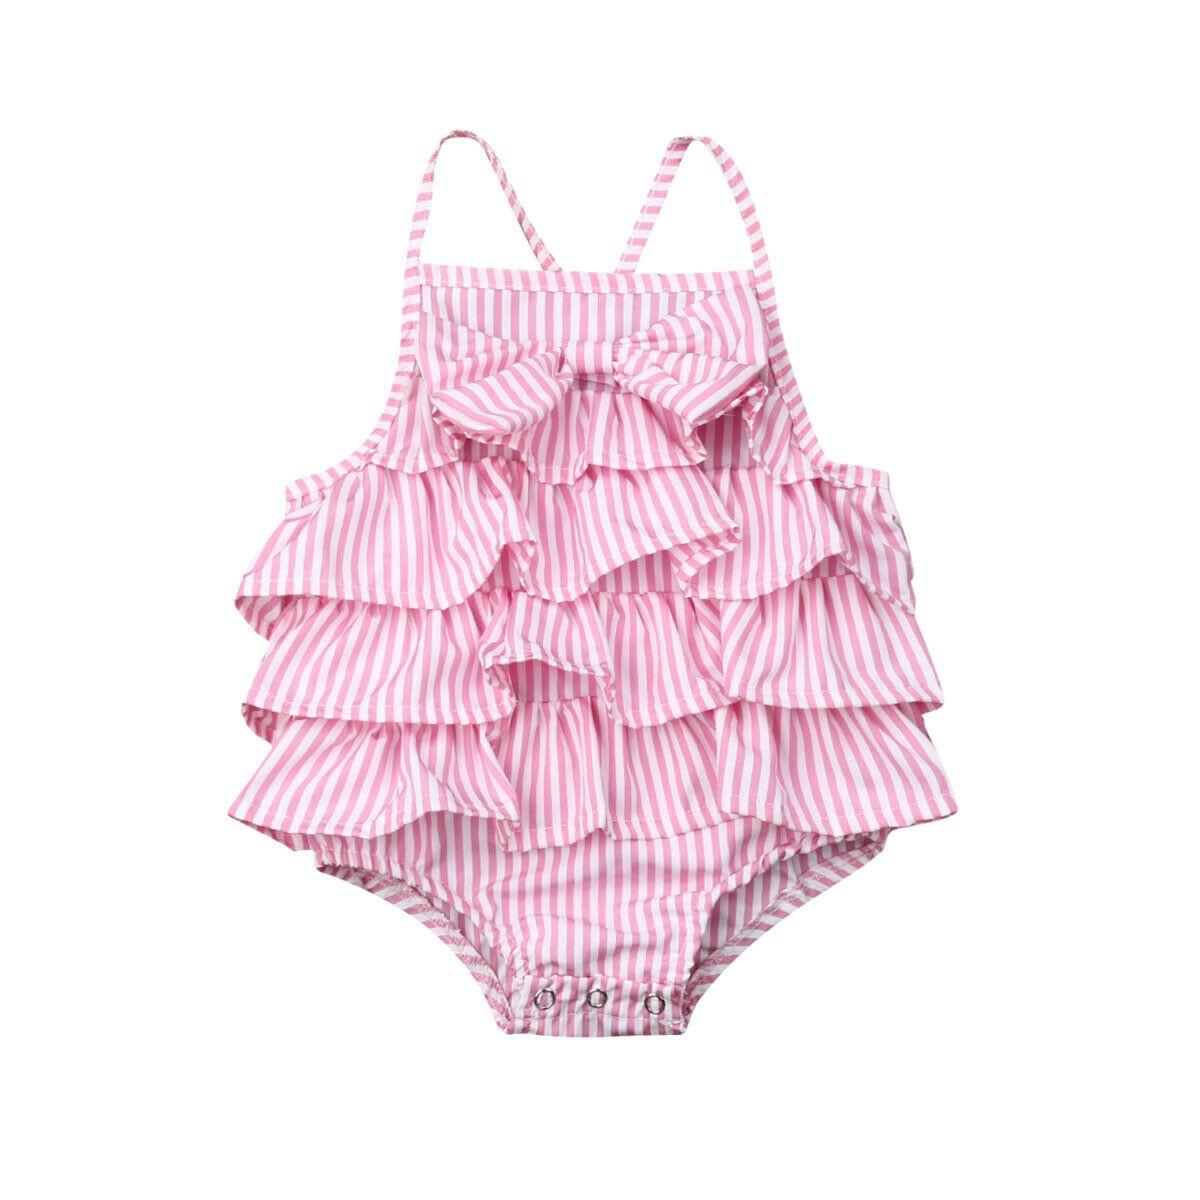 0-Милый повседневный комбинезон в полоску с бантом для новорожденных девочек, летняя одежда для детей 0-18 месяцев, 2019 смотреть на Алиэкспресс Иркутск в рублях